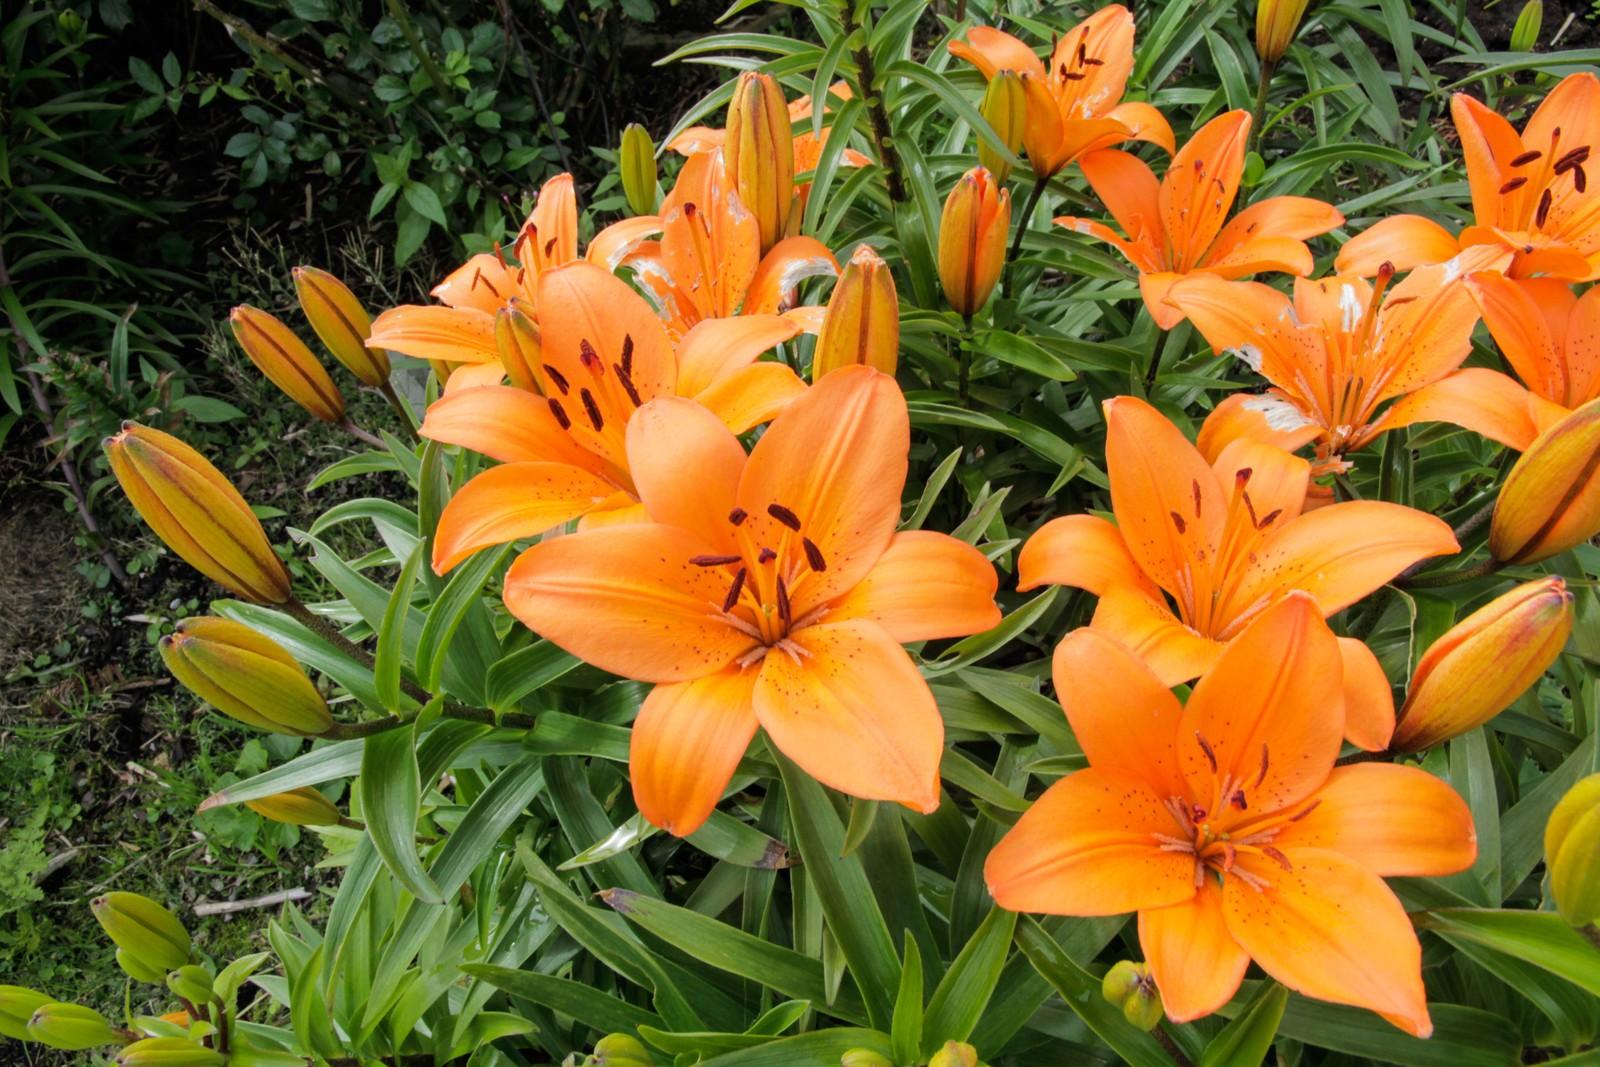 Dagliljene blomstrar berre ein dag. I morgon kjem det nye.